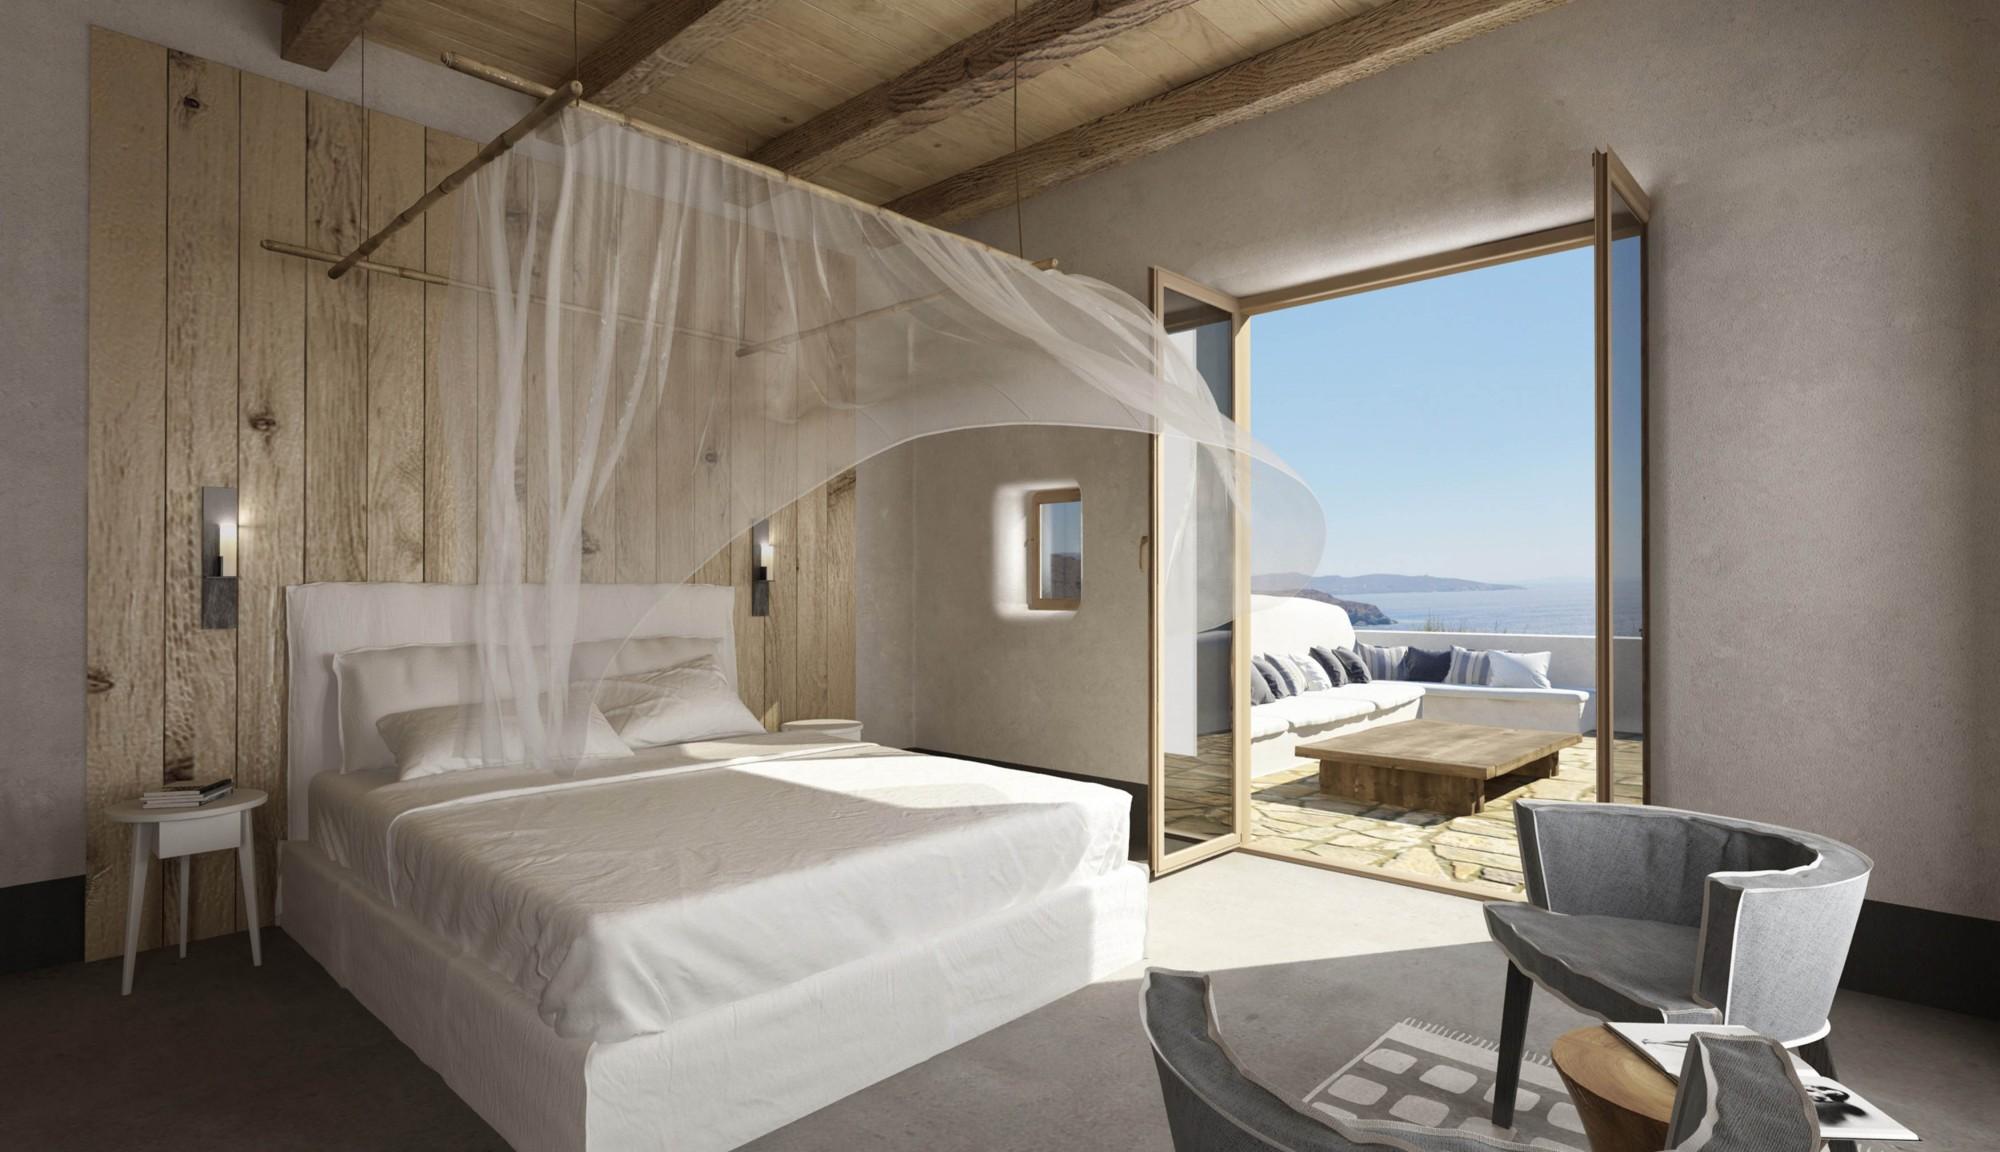 maison a vendre en grece 28 images maison a vendre en